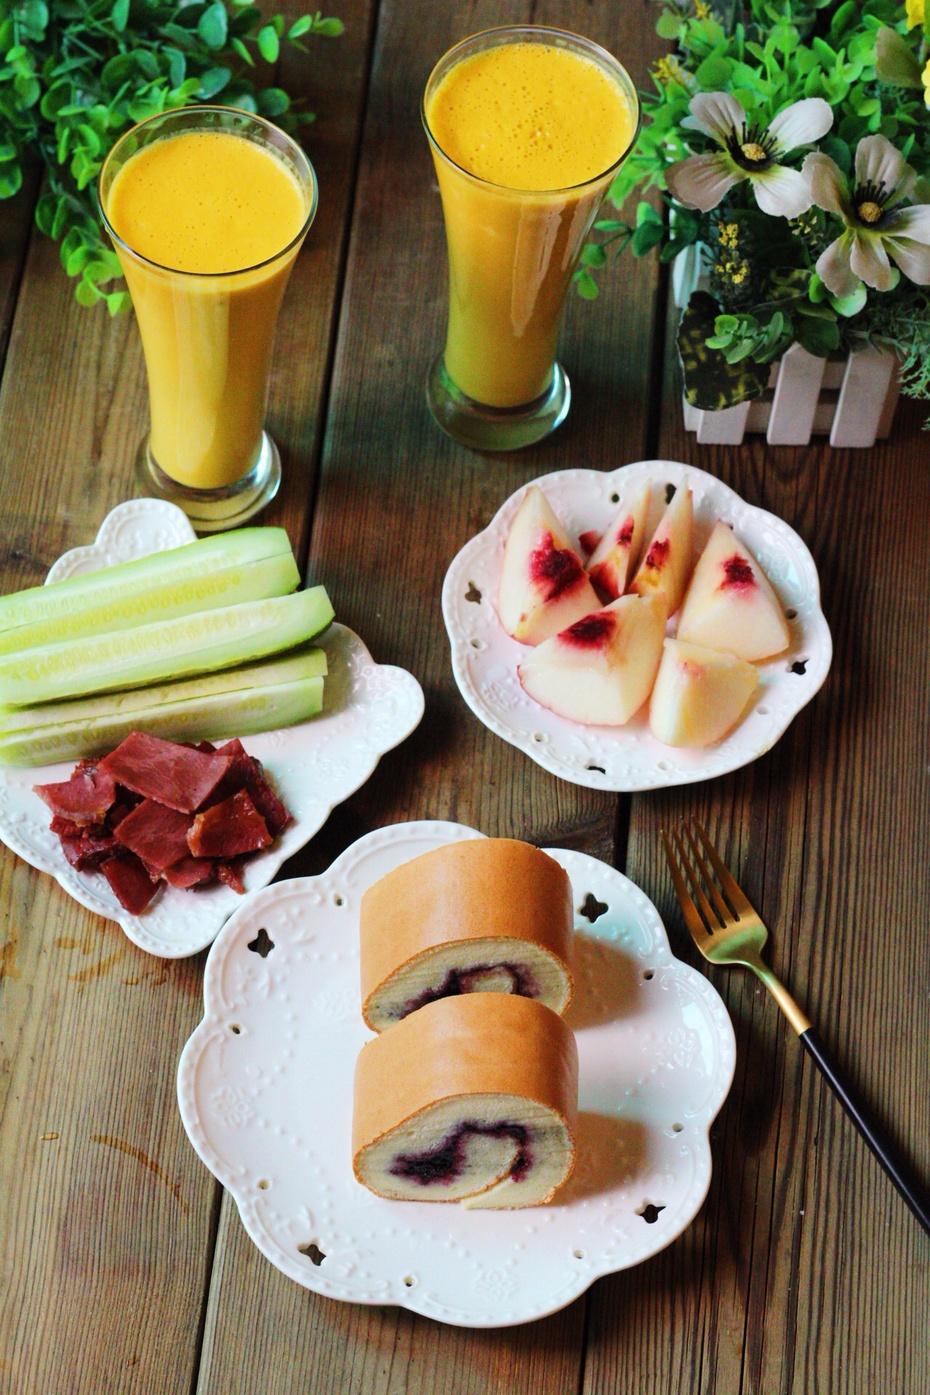 家有小学生,一周不重样的营养早餐,中式西式全都有!做法特简单